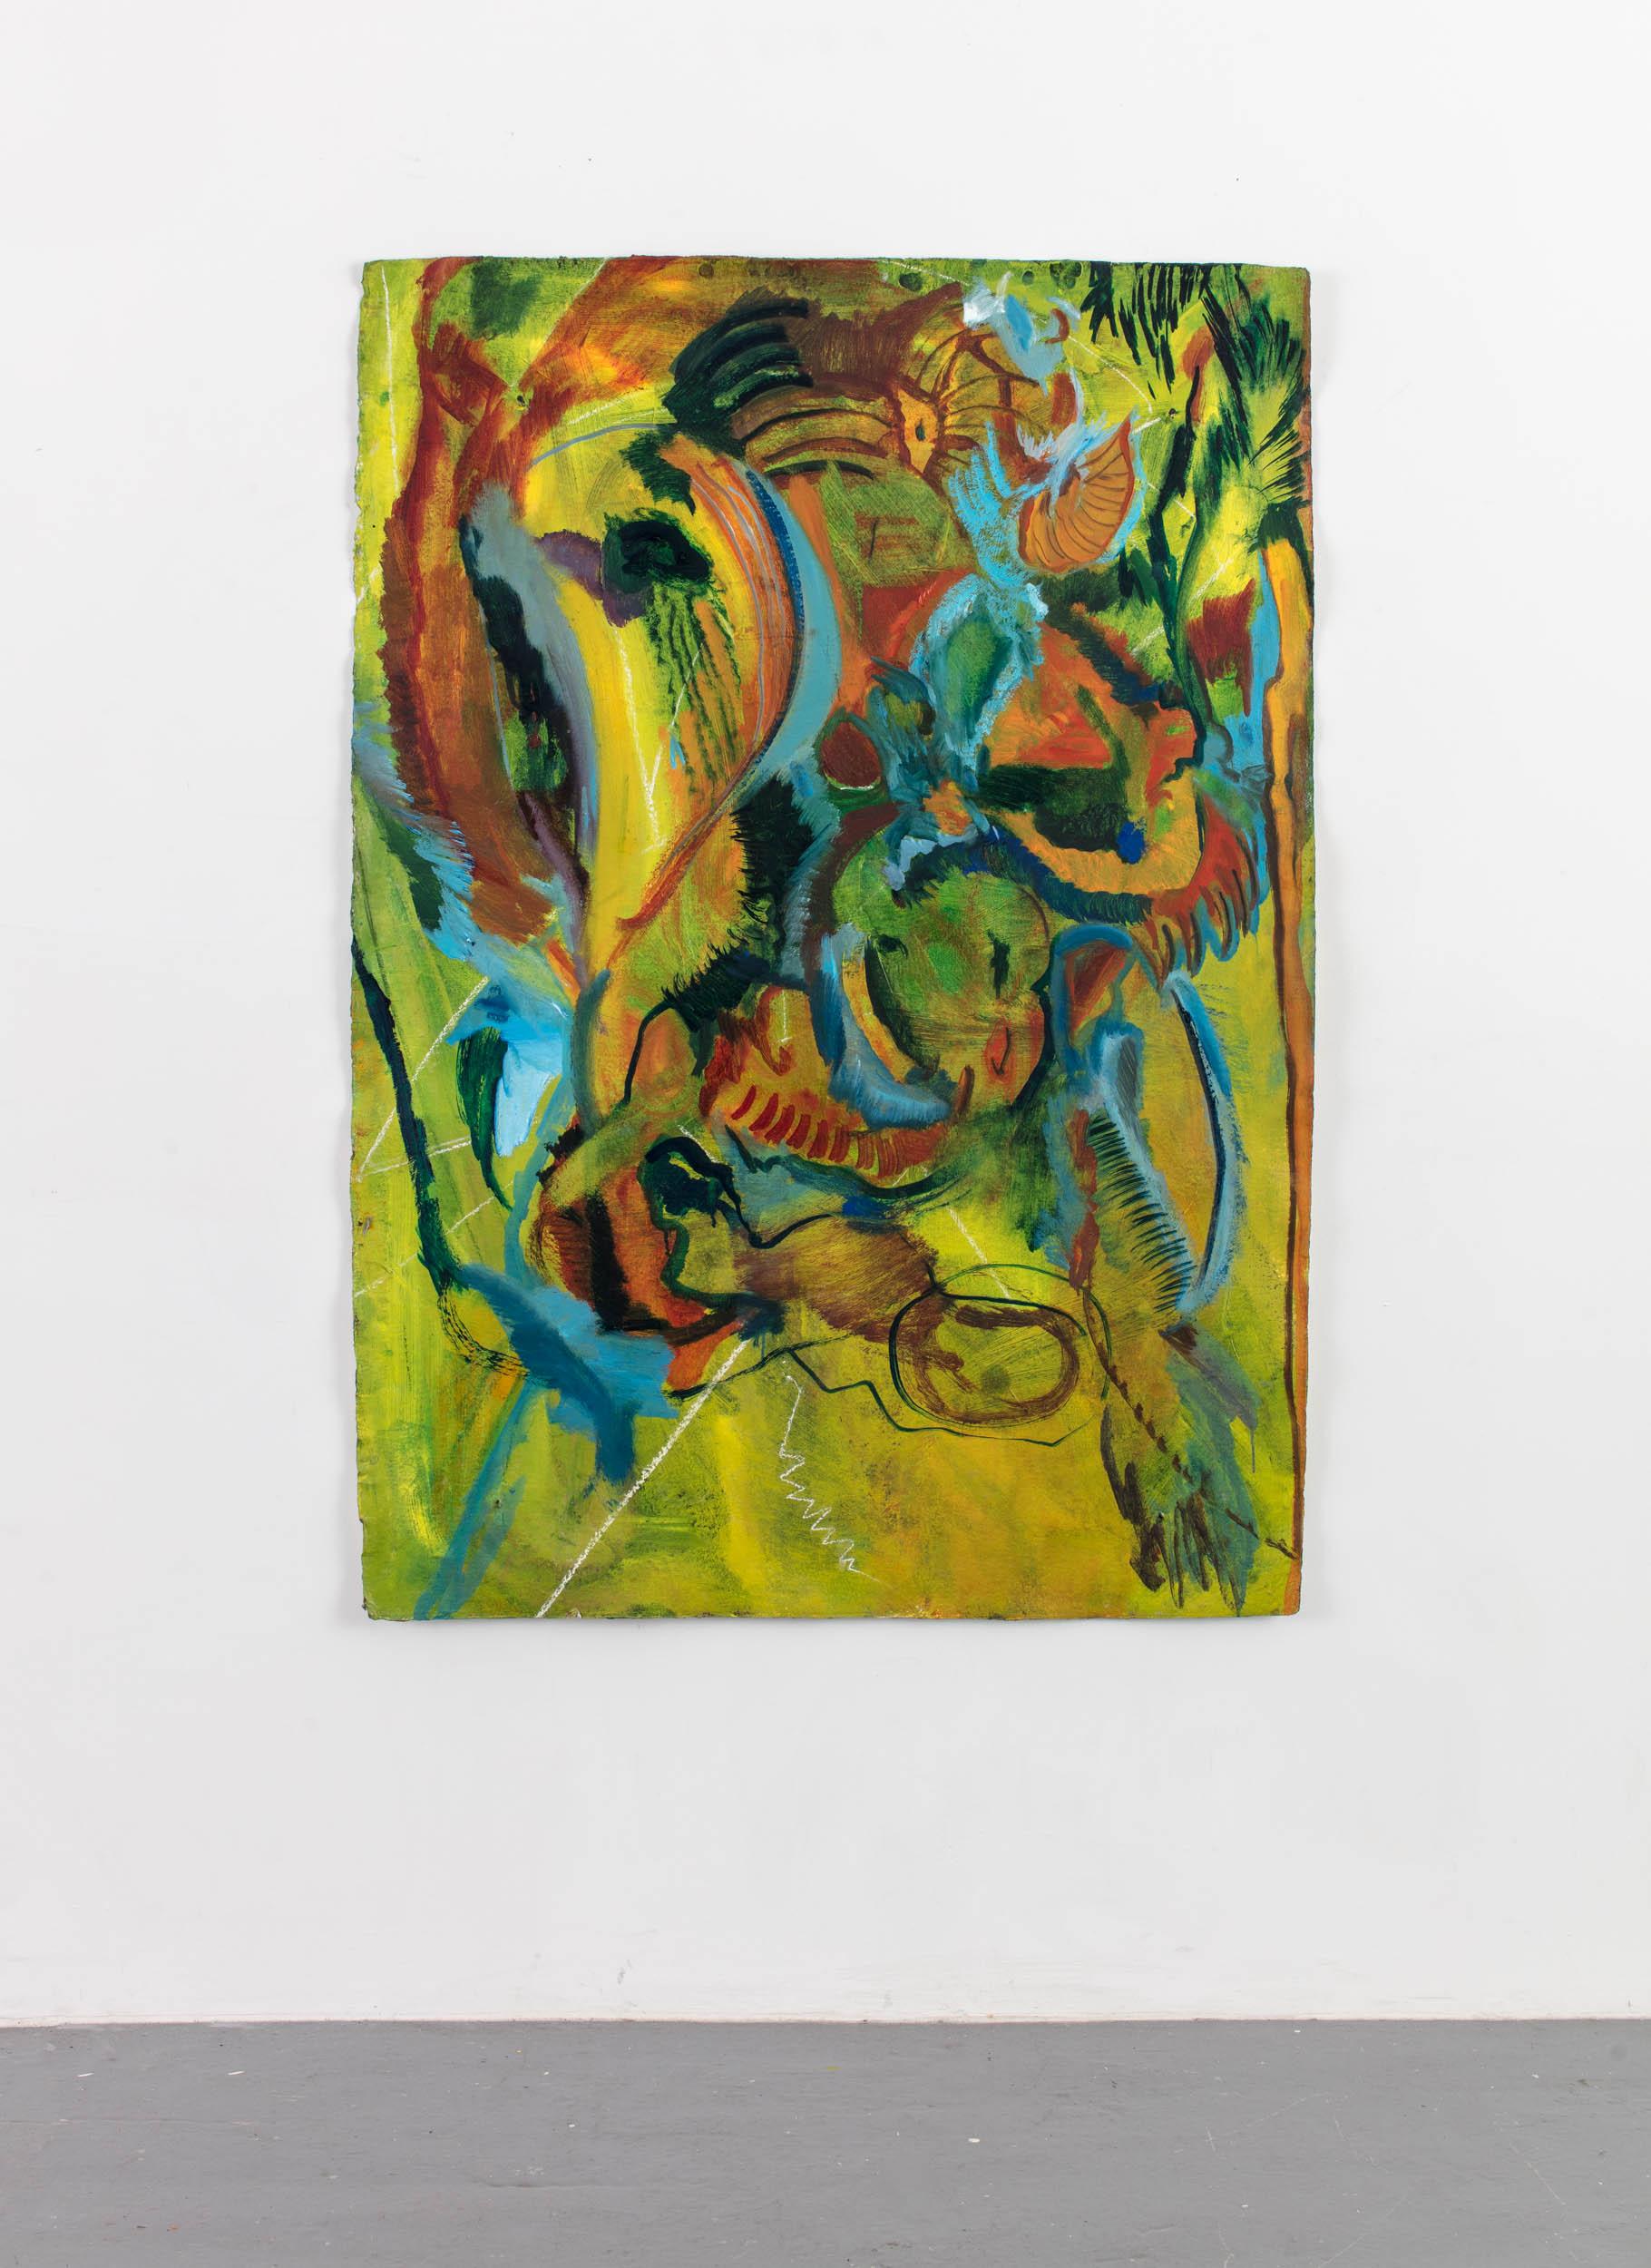 Oil paint on Khadi paper, 100cm x 140cm, 2018